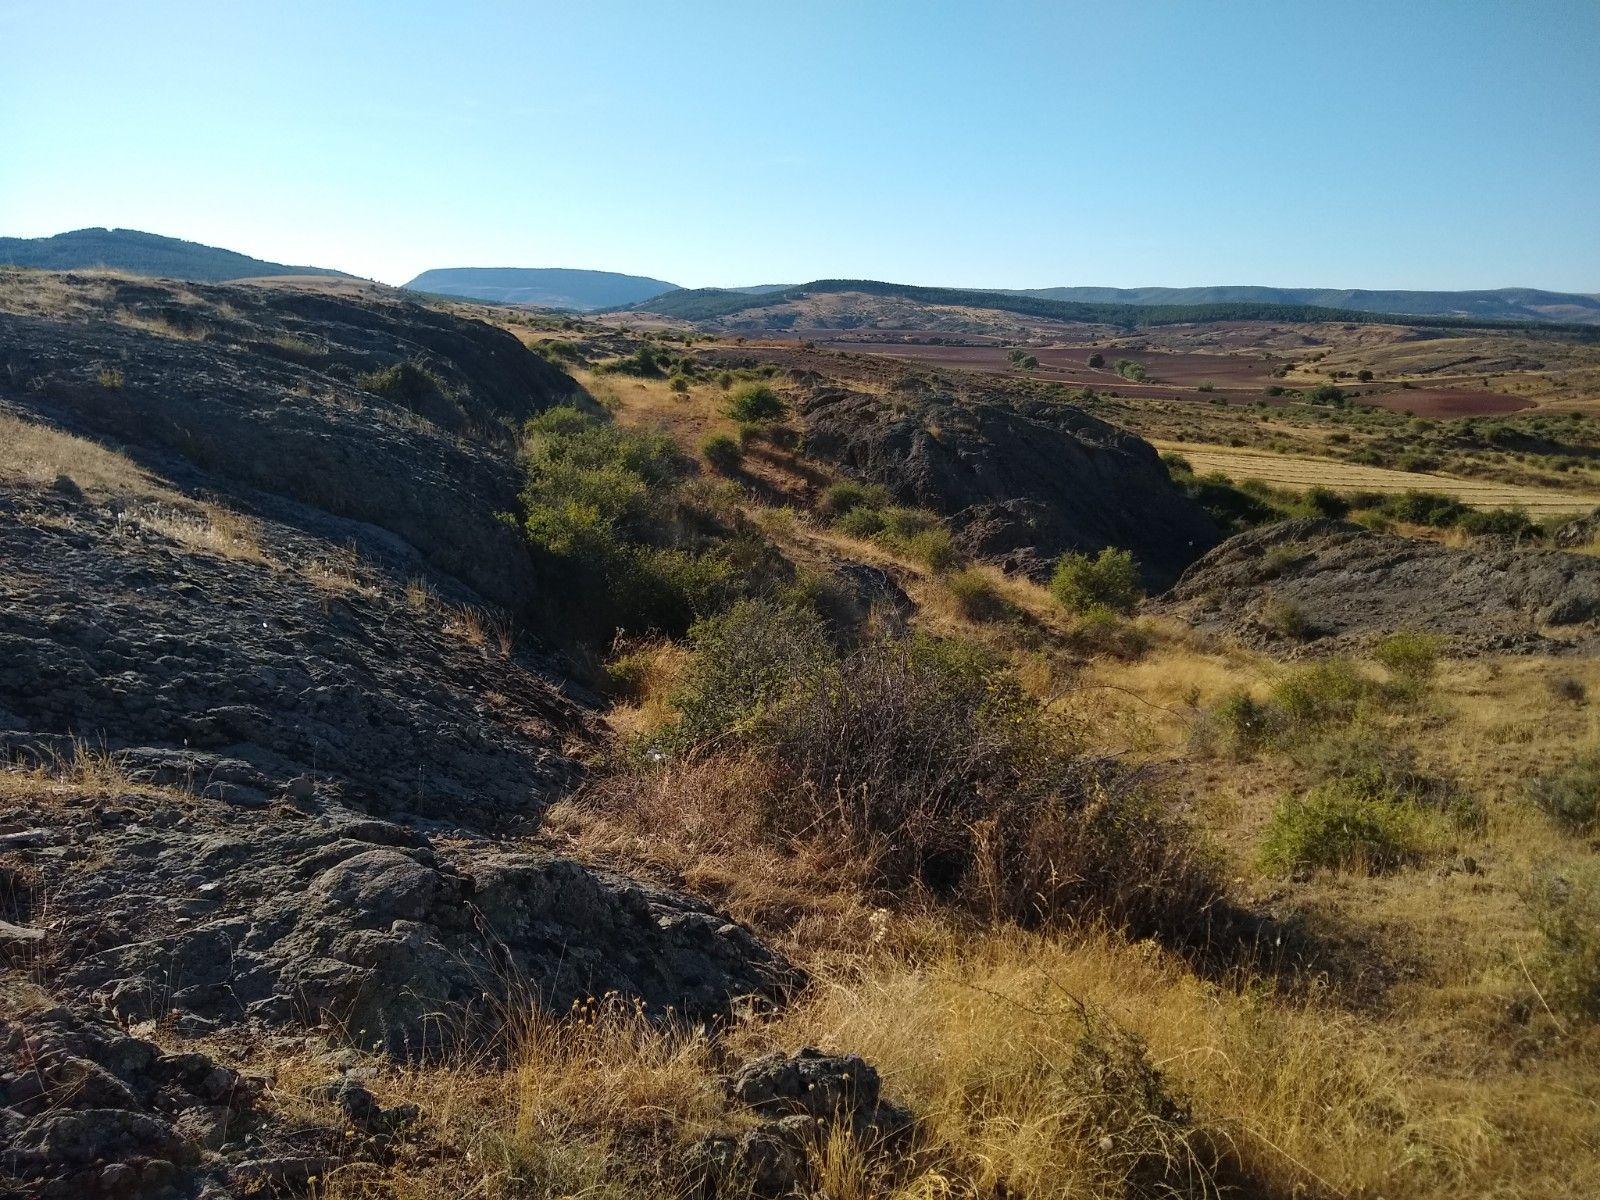 En el paisaje de llanuras manchegas, amarillo por las hierbas secas, destacan lenguas de piedra oscura que no se parece a nada de lo que la rodea. Estamos ante las Andesitas volcánicas